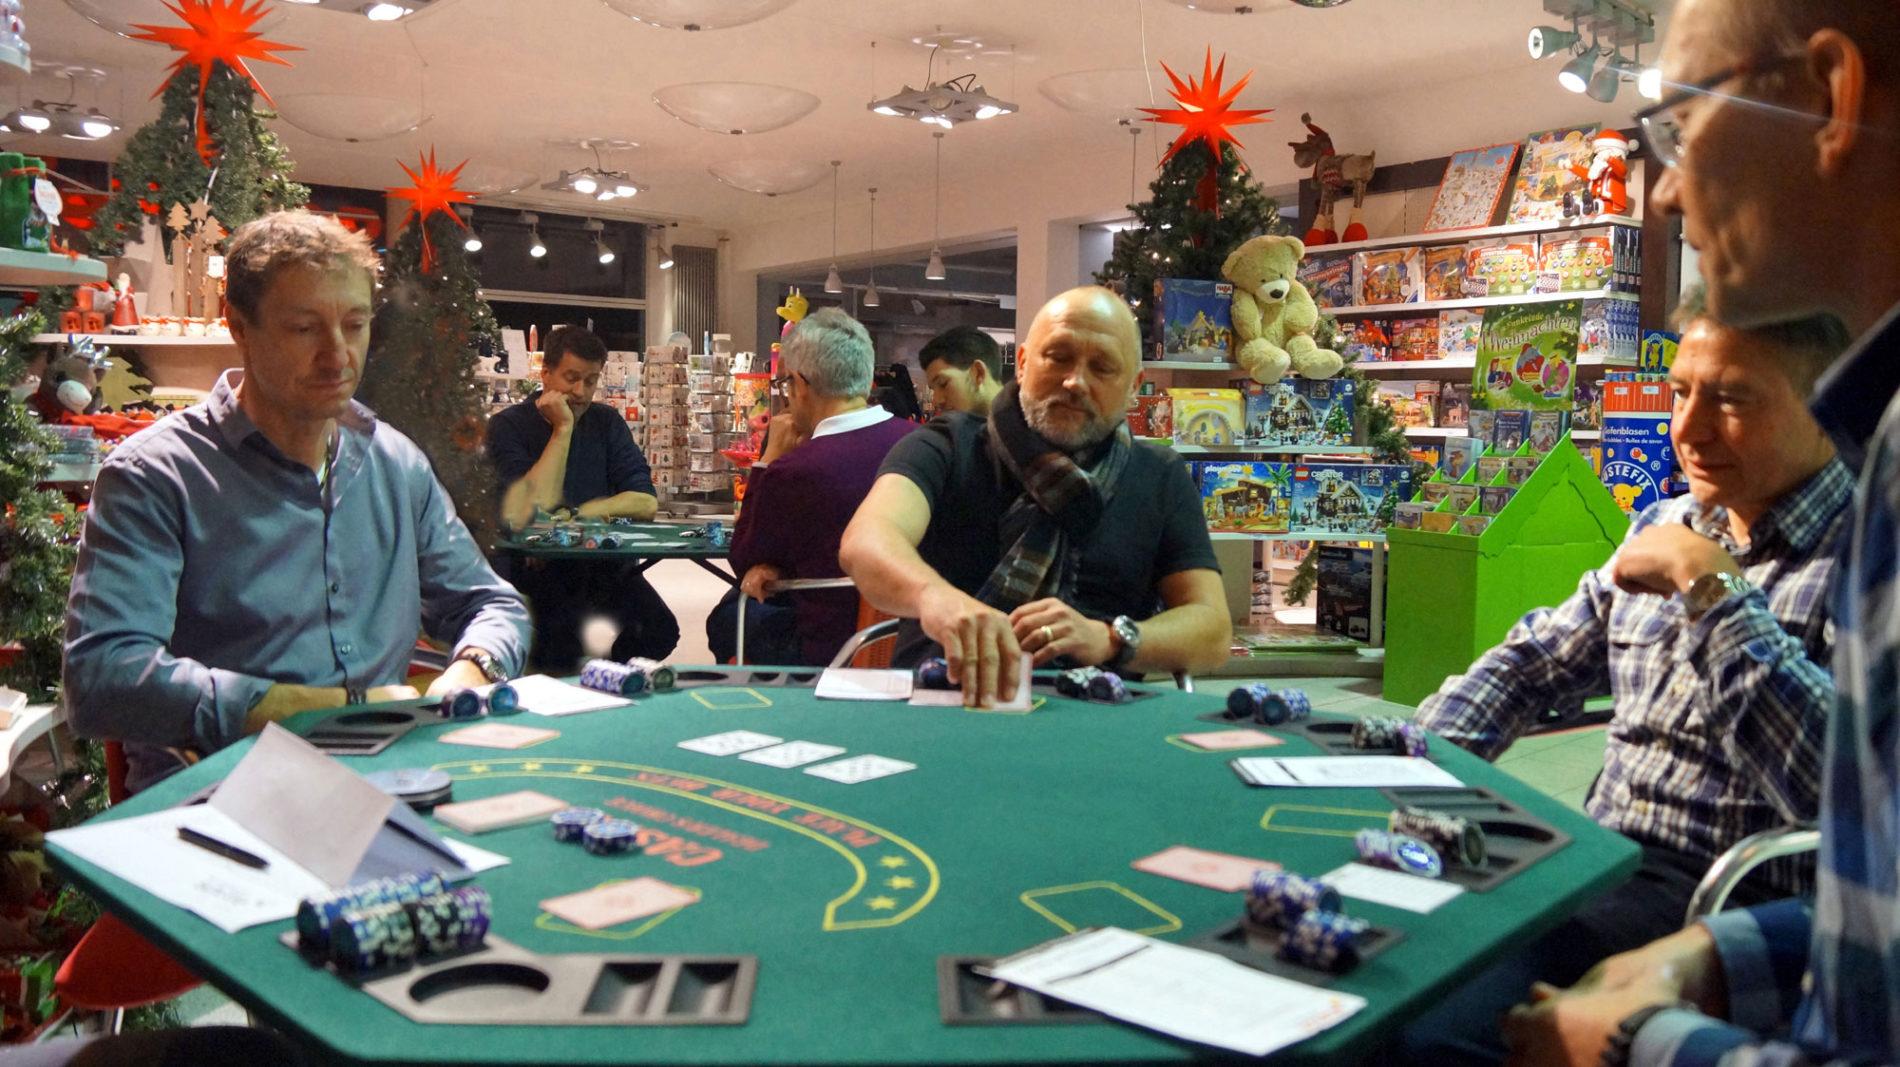 Pokern beim Männerabend im Spielzeugladen Schütte in Gifhorn